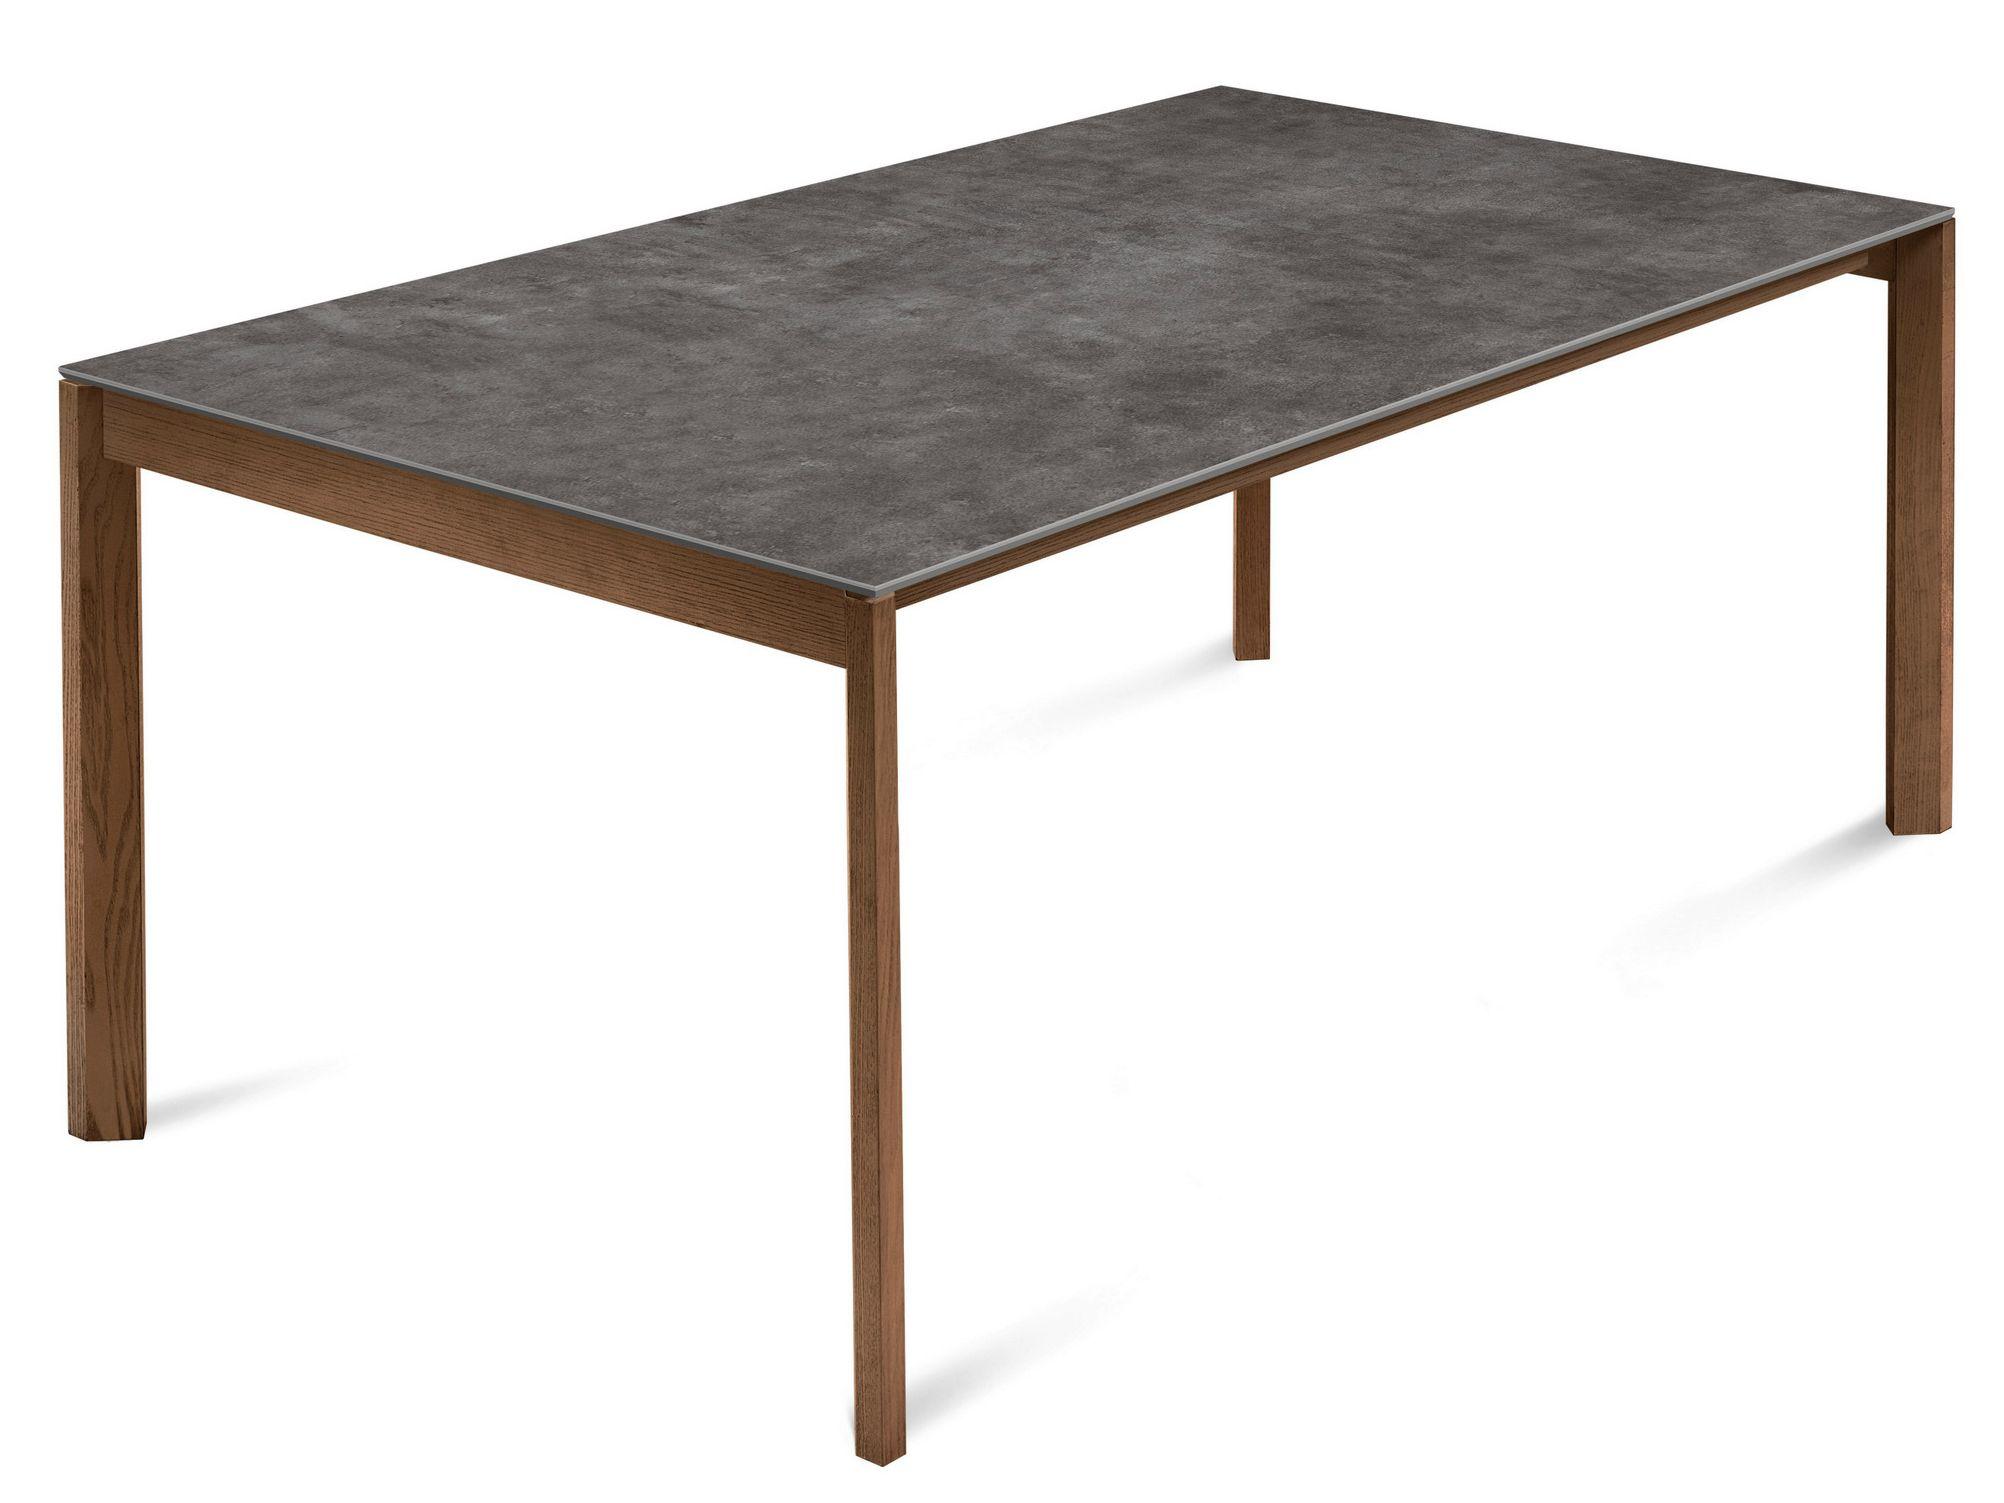 Tavolo allungabile rettangolare WEB-140 by DOMITALIA | Tables ...